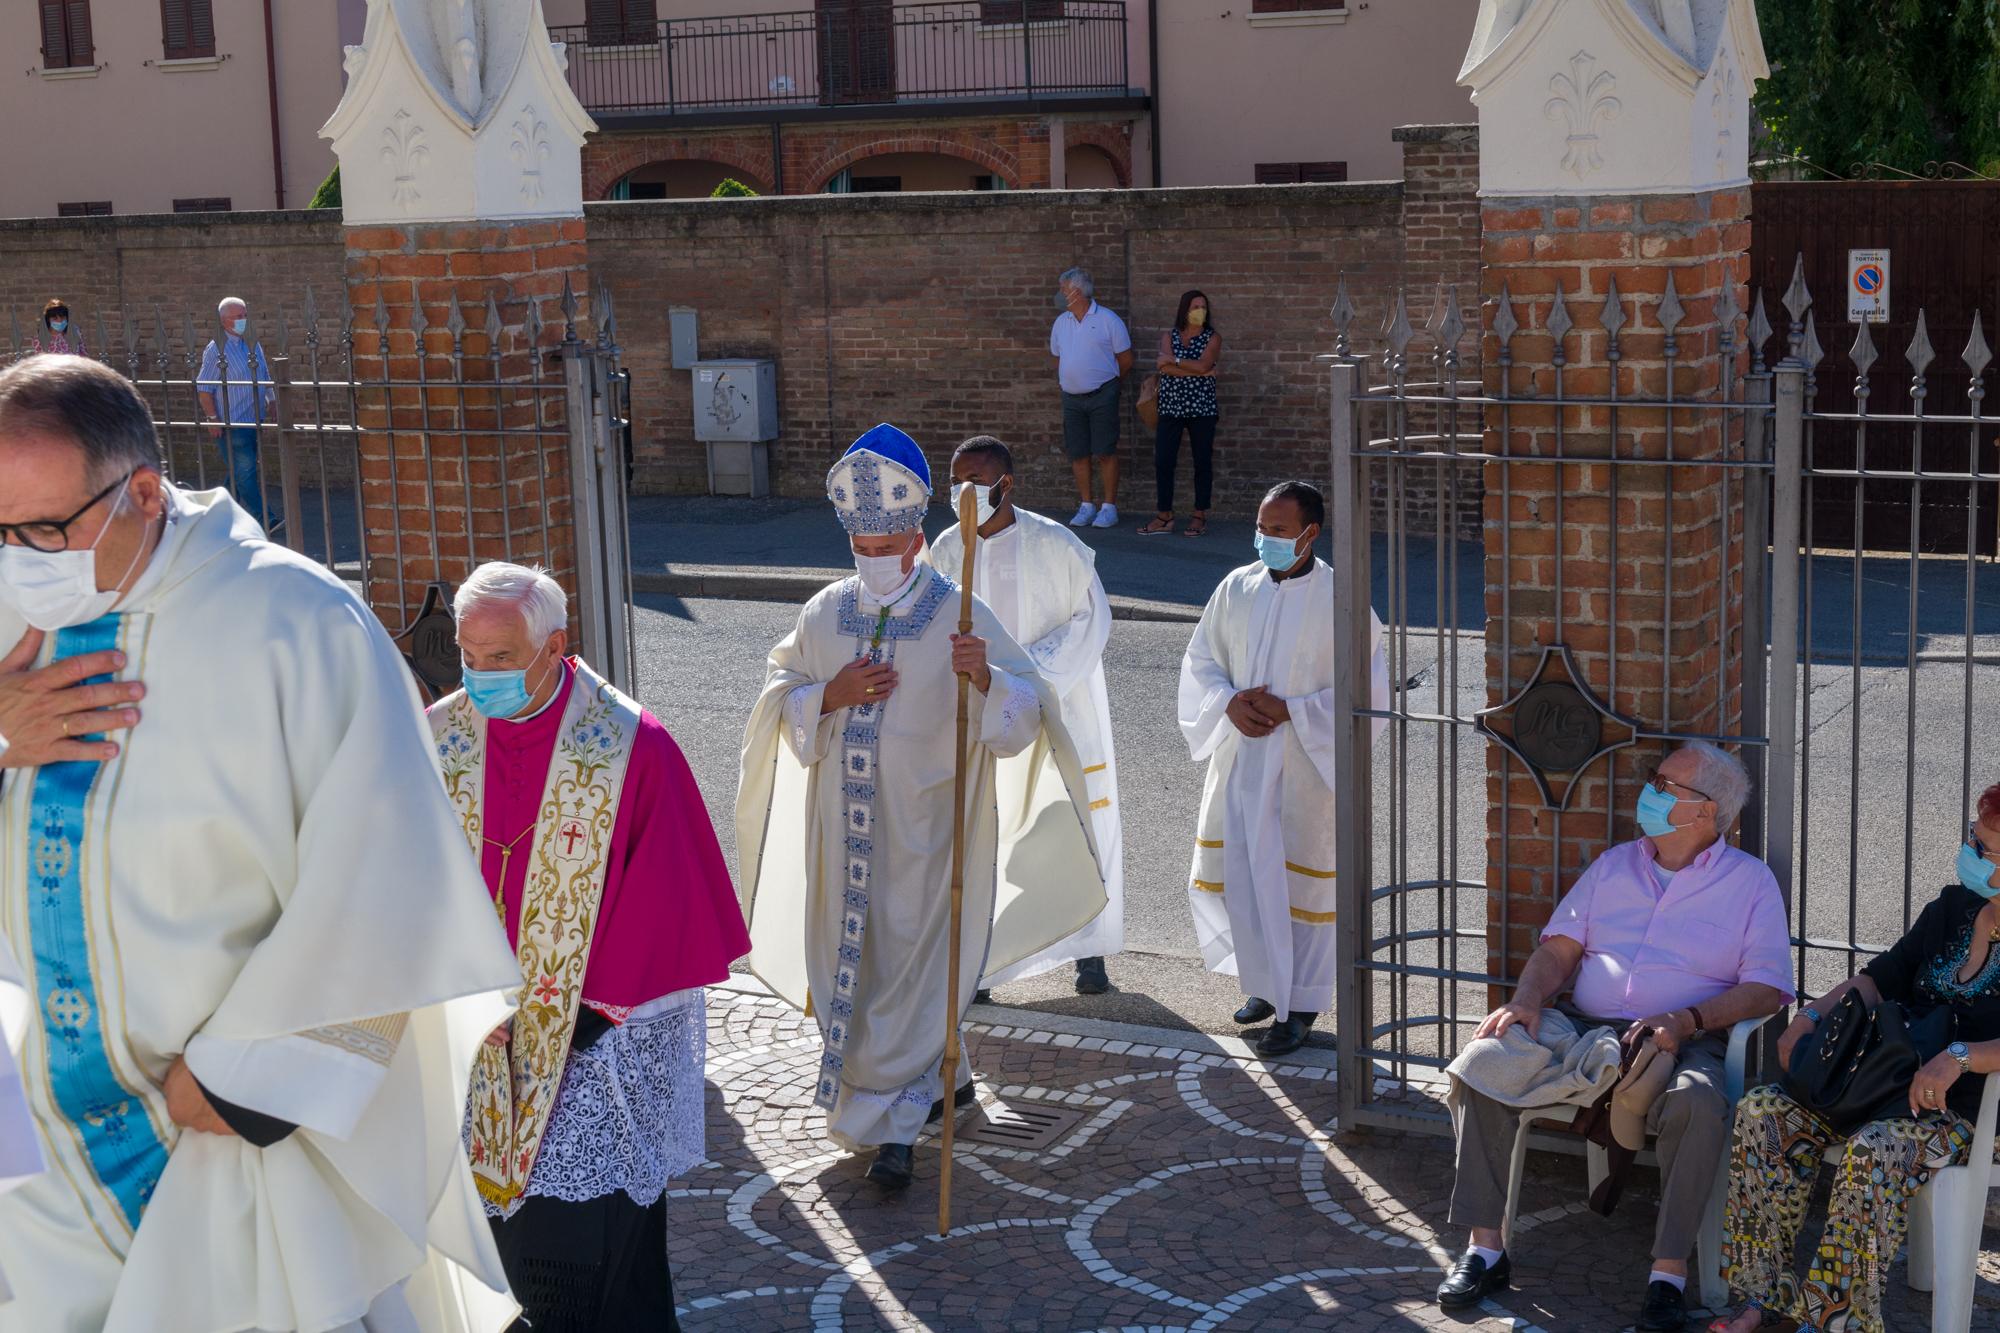 29-agosto-2021-Viola-17-e-processione-MdG-–-FOTO_mdg_-38